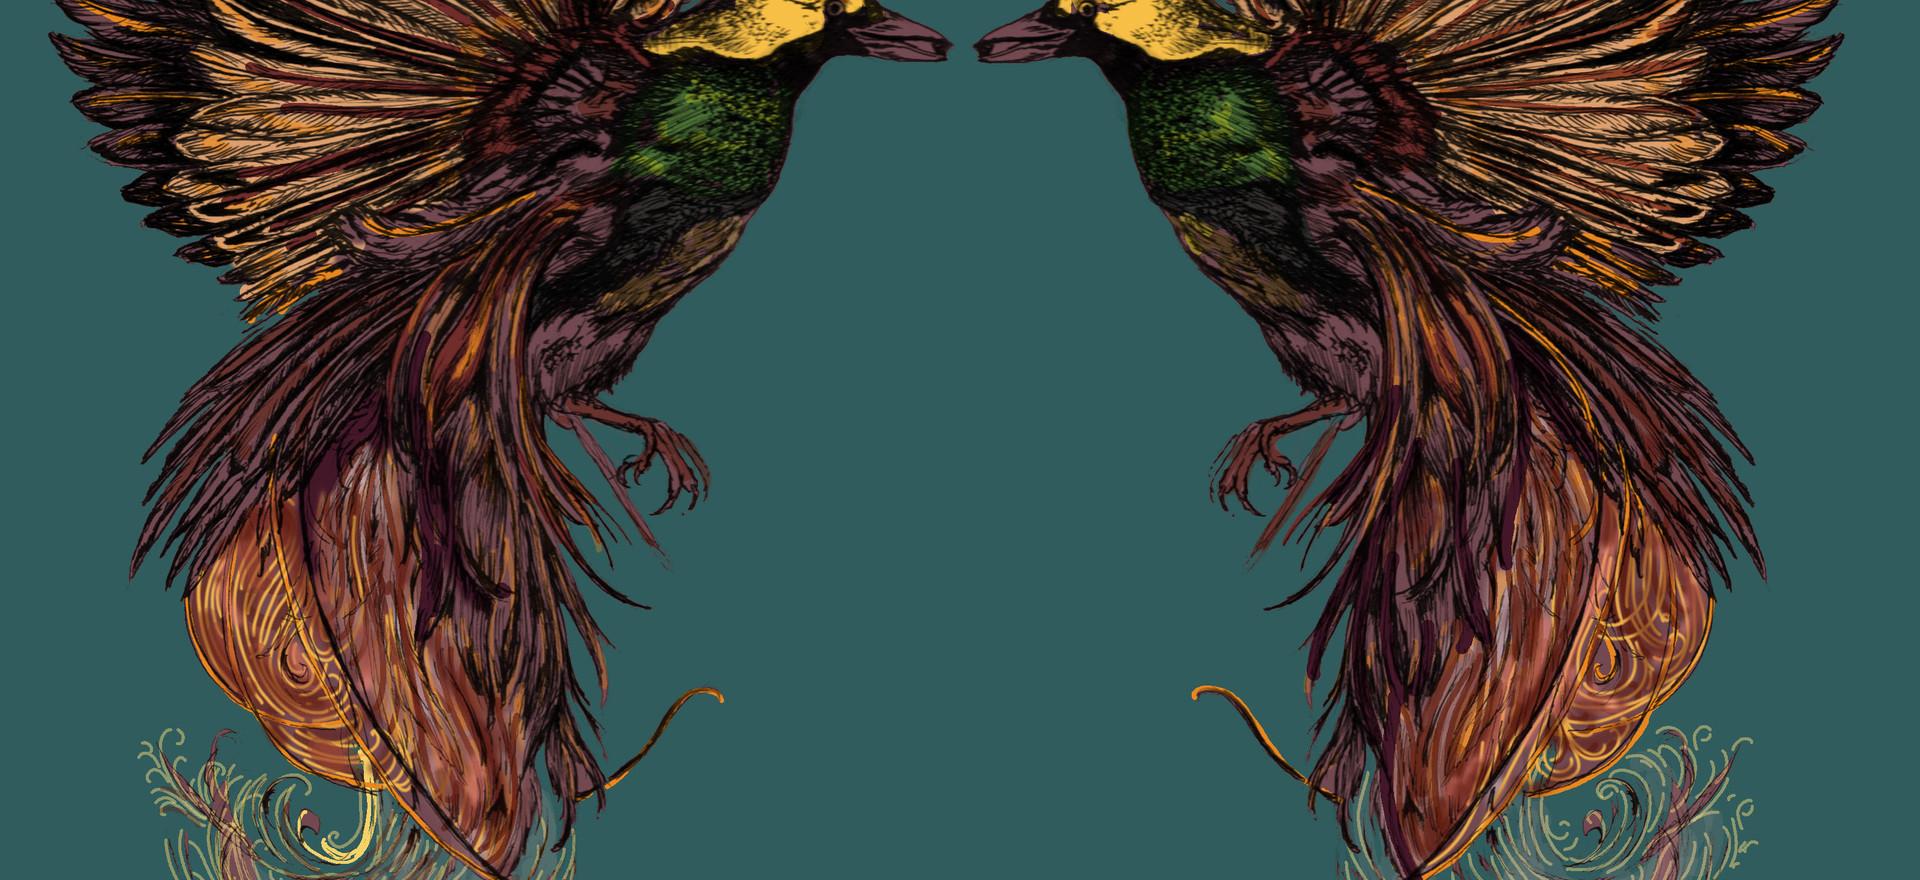 Raggiana Birds